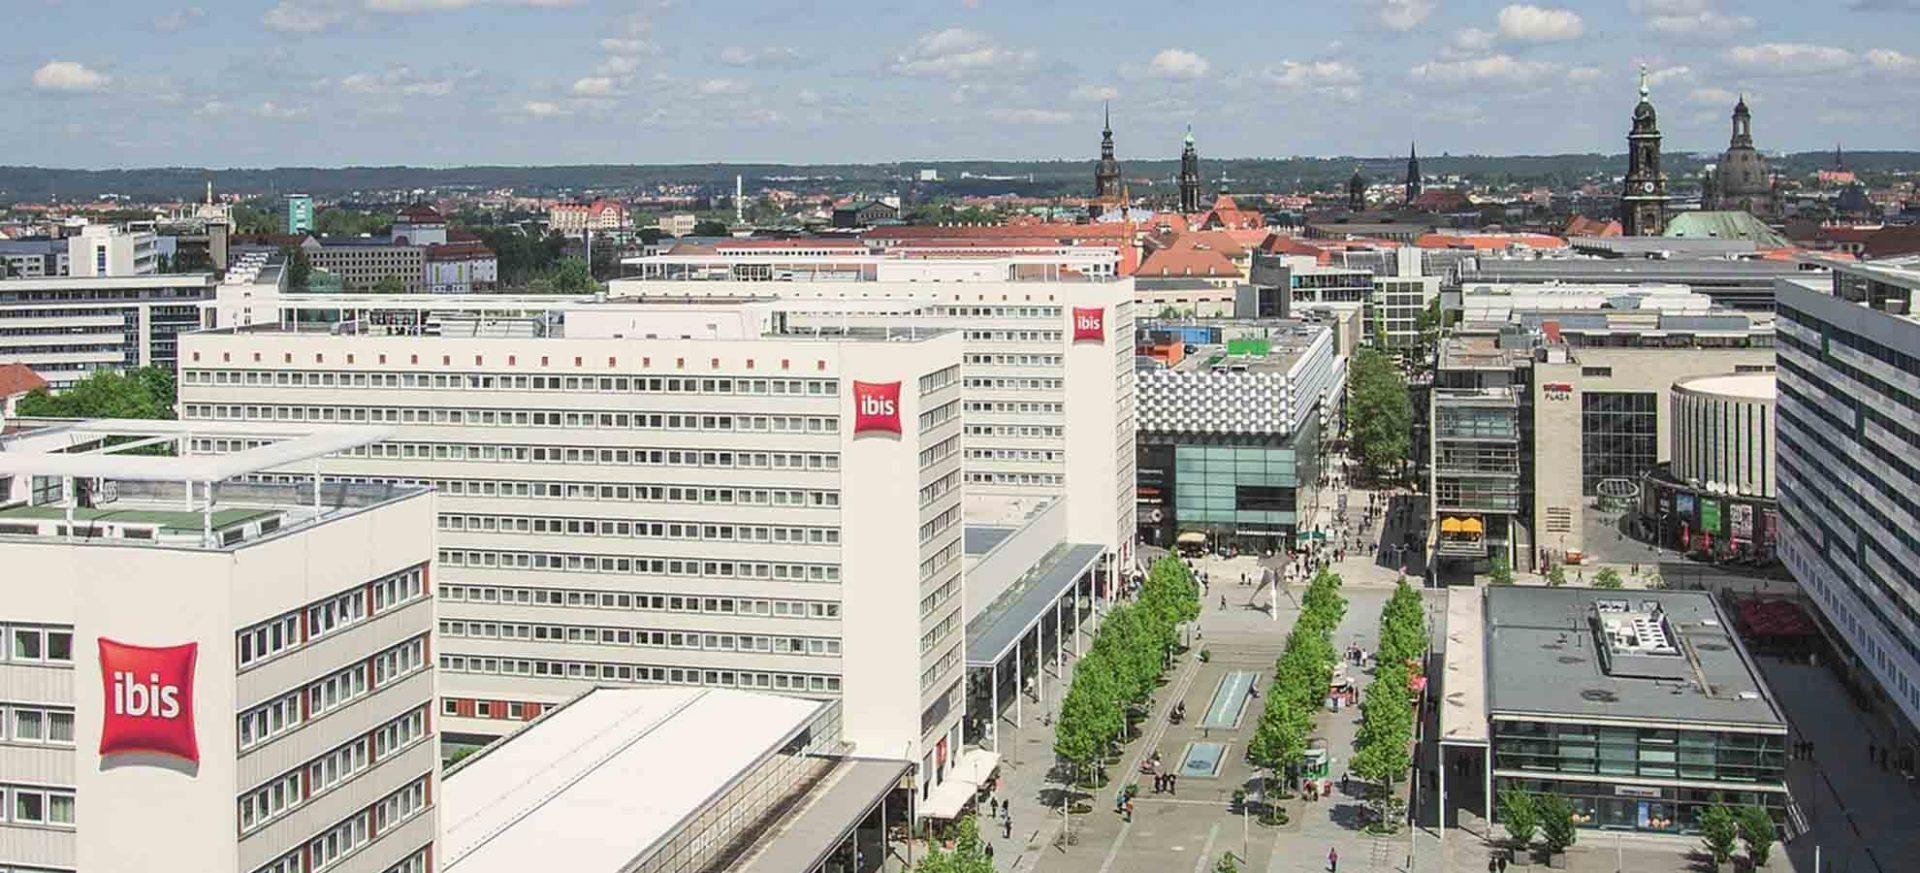 ibis Dresden Zentrum Außenansicht / Exterior view